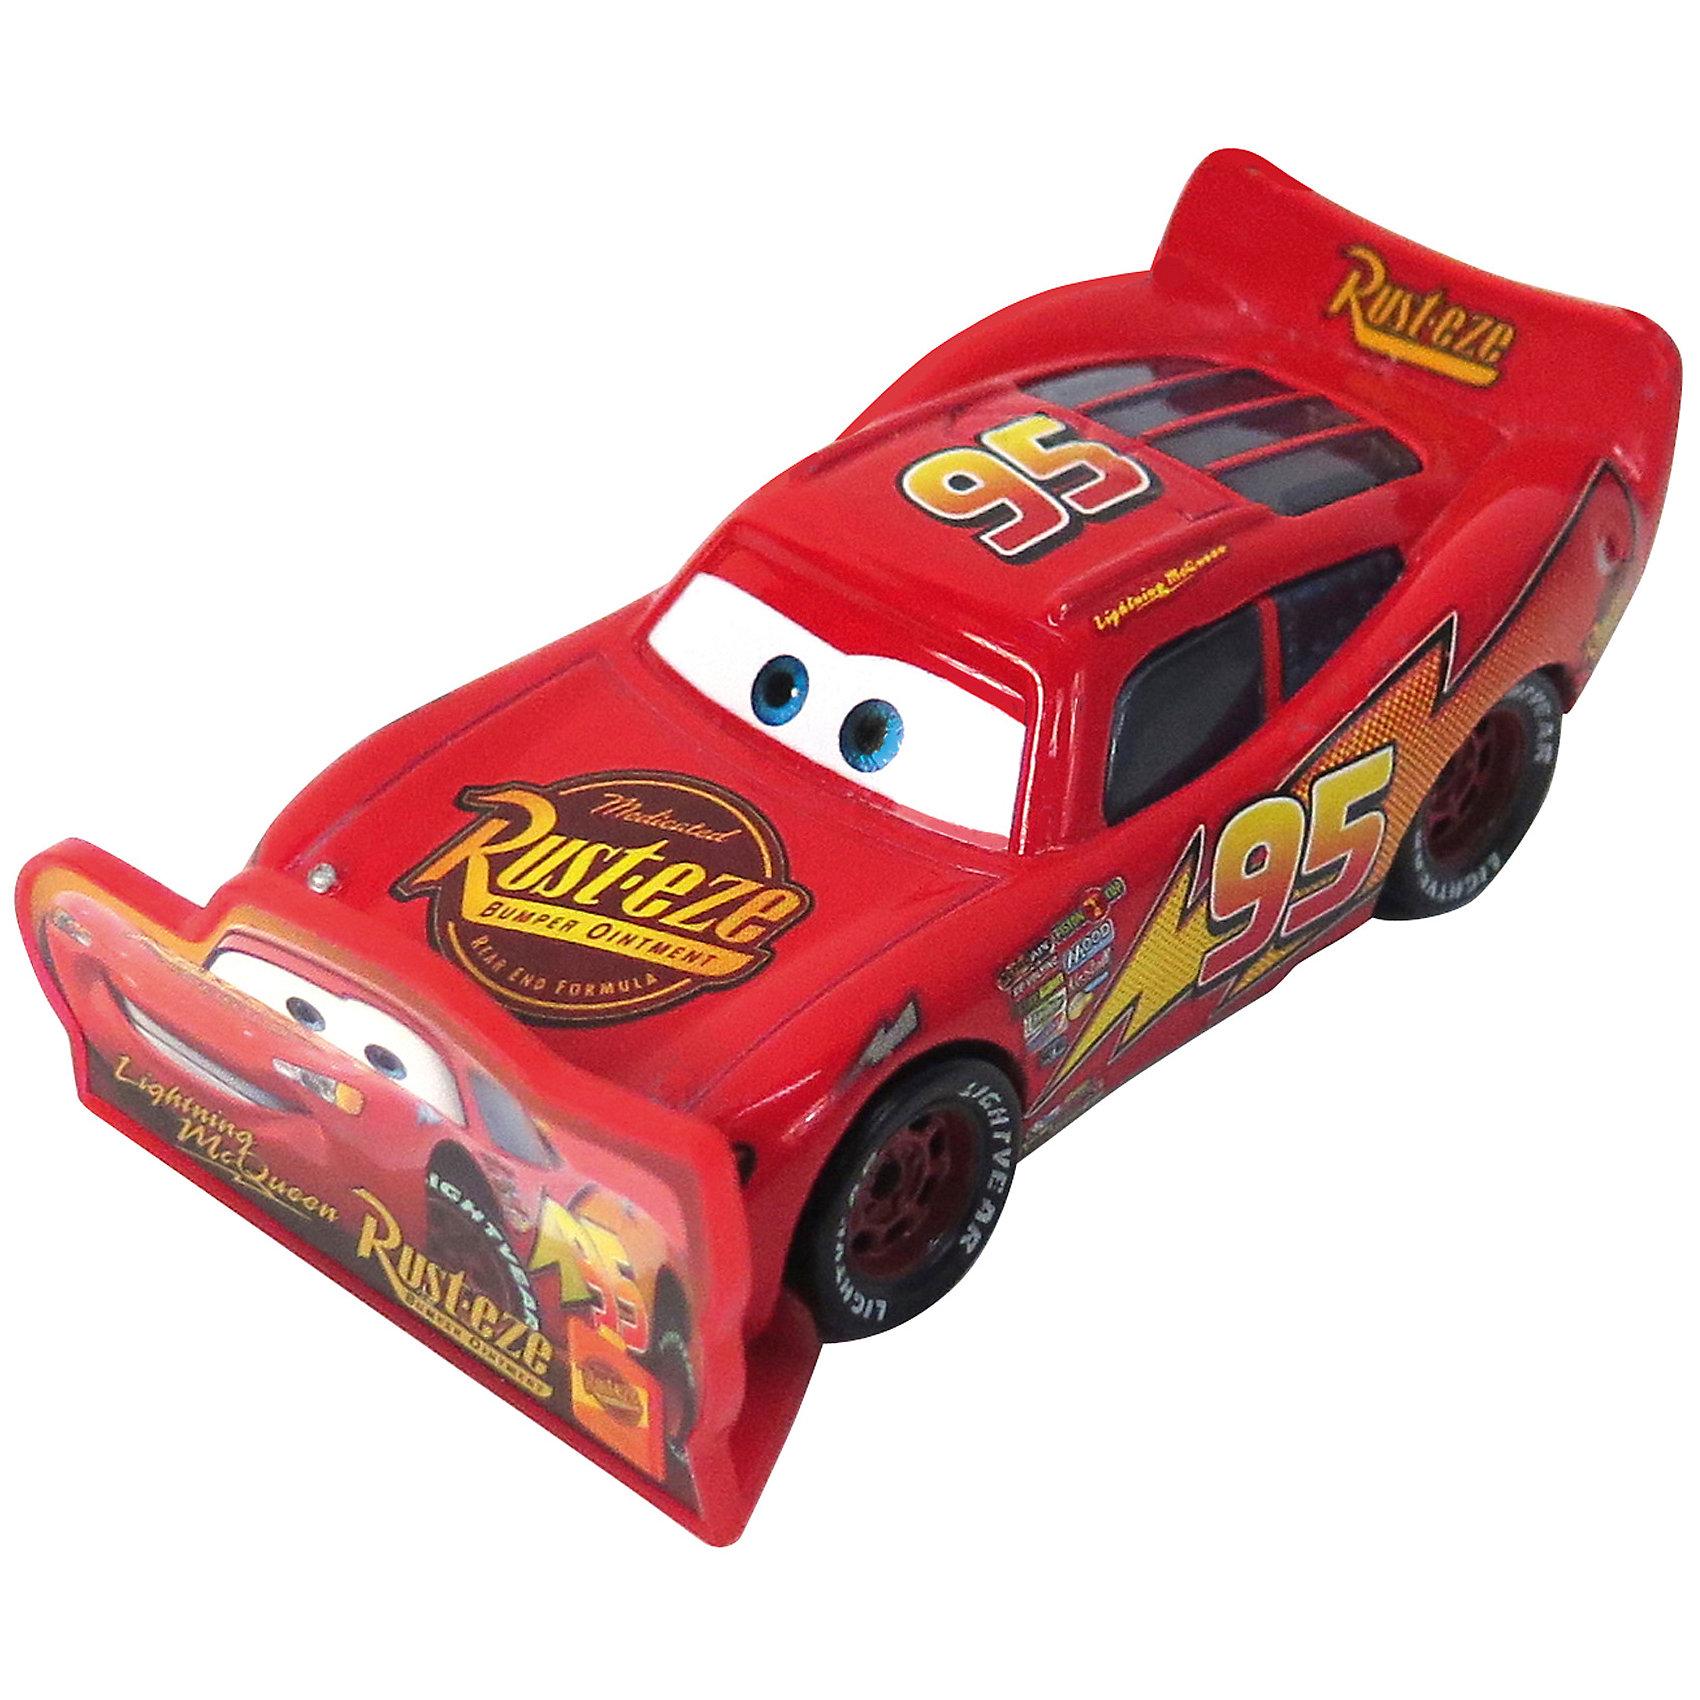 Литая машинка, Тачки-2Литая машинка Делюкс от компании «Mattel» выполнена в виде главного персонажа мультфильма «Тачки 2». Изготовленная из металла в масштабе 1:55 игрушка отличается высокой степенью детализации и качеством исполнения. Завладев несколькими моделями, малыш сможет окунуться в любимый мультипликационный мир, устроить красочные показательные выступления среди машинок-киногероев.<br><br>Дополнительная информация:<br><br>- Материал: металл<br>- В упаковке: 1 шт.<br>- Размер машинки: 8 см.<br><br>Литую машинку, Тачки-2 можно купить в нашем магазине.<br><br>Ширина мм: 135<br>Глубина мм: 45<br>Высота мм: 160<br>Вес г: 80<br>Возраст от месяцев: 36<br>Возраст до месяцев: 72<br>Пол: Мужской<br>Возраст: Детский<br>SKU: 5015774